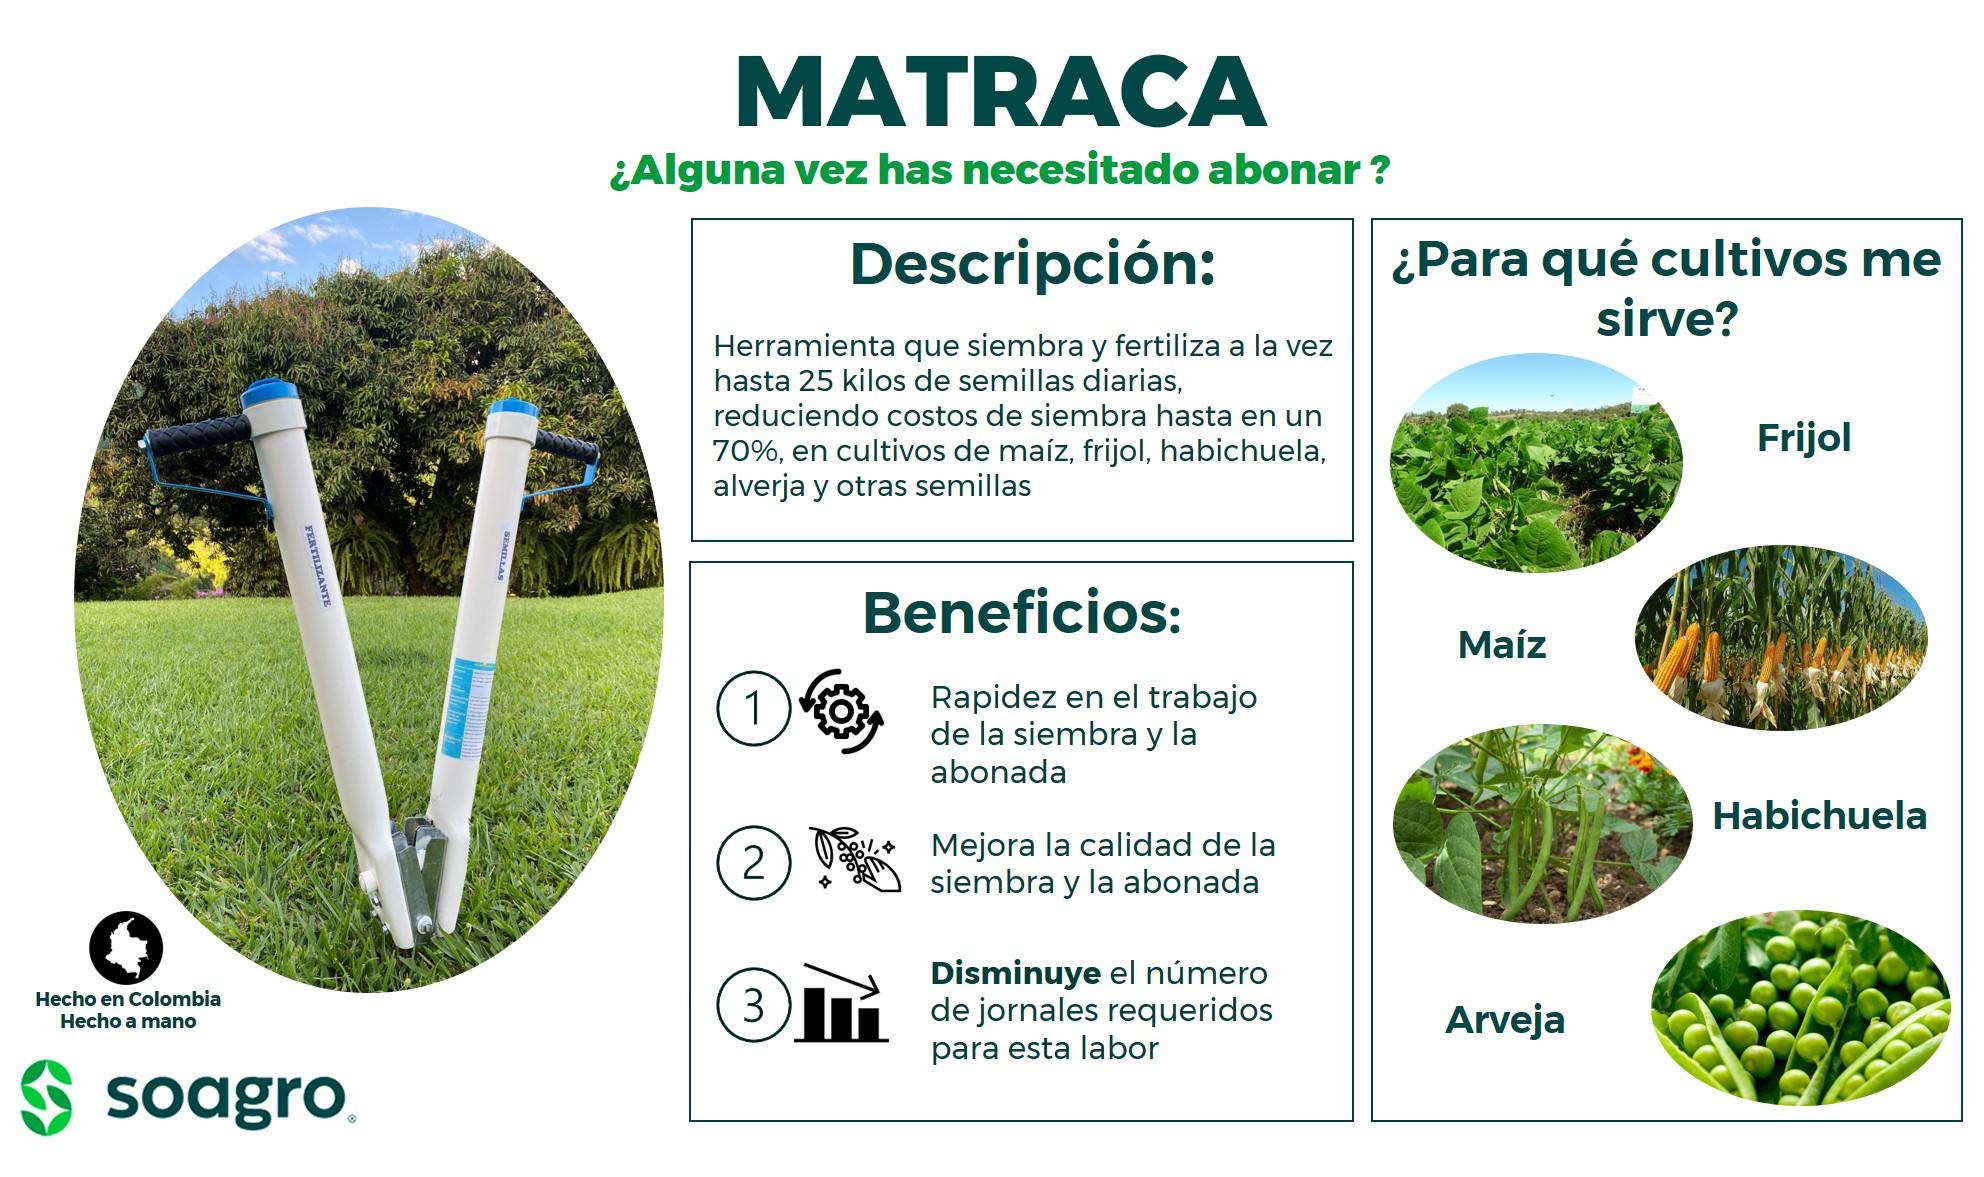 Matracas Desc 1.jpg